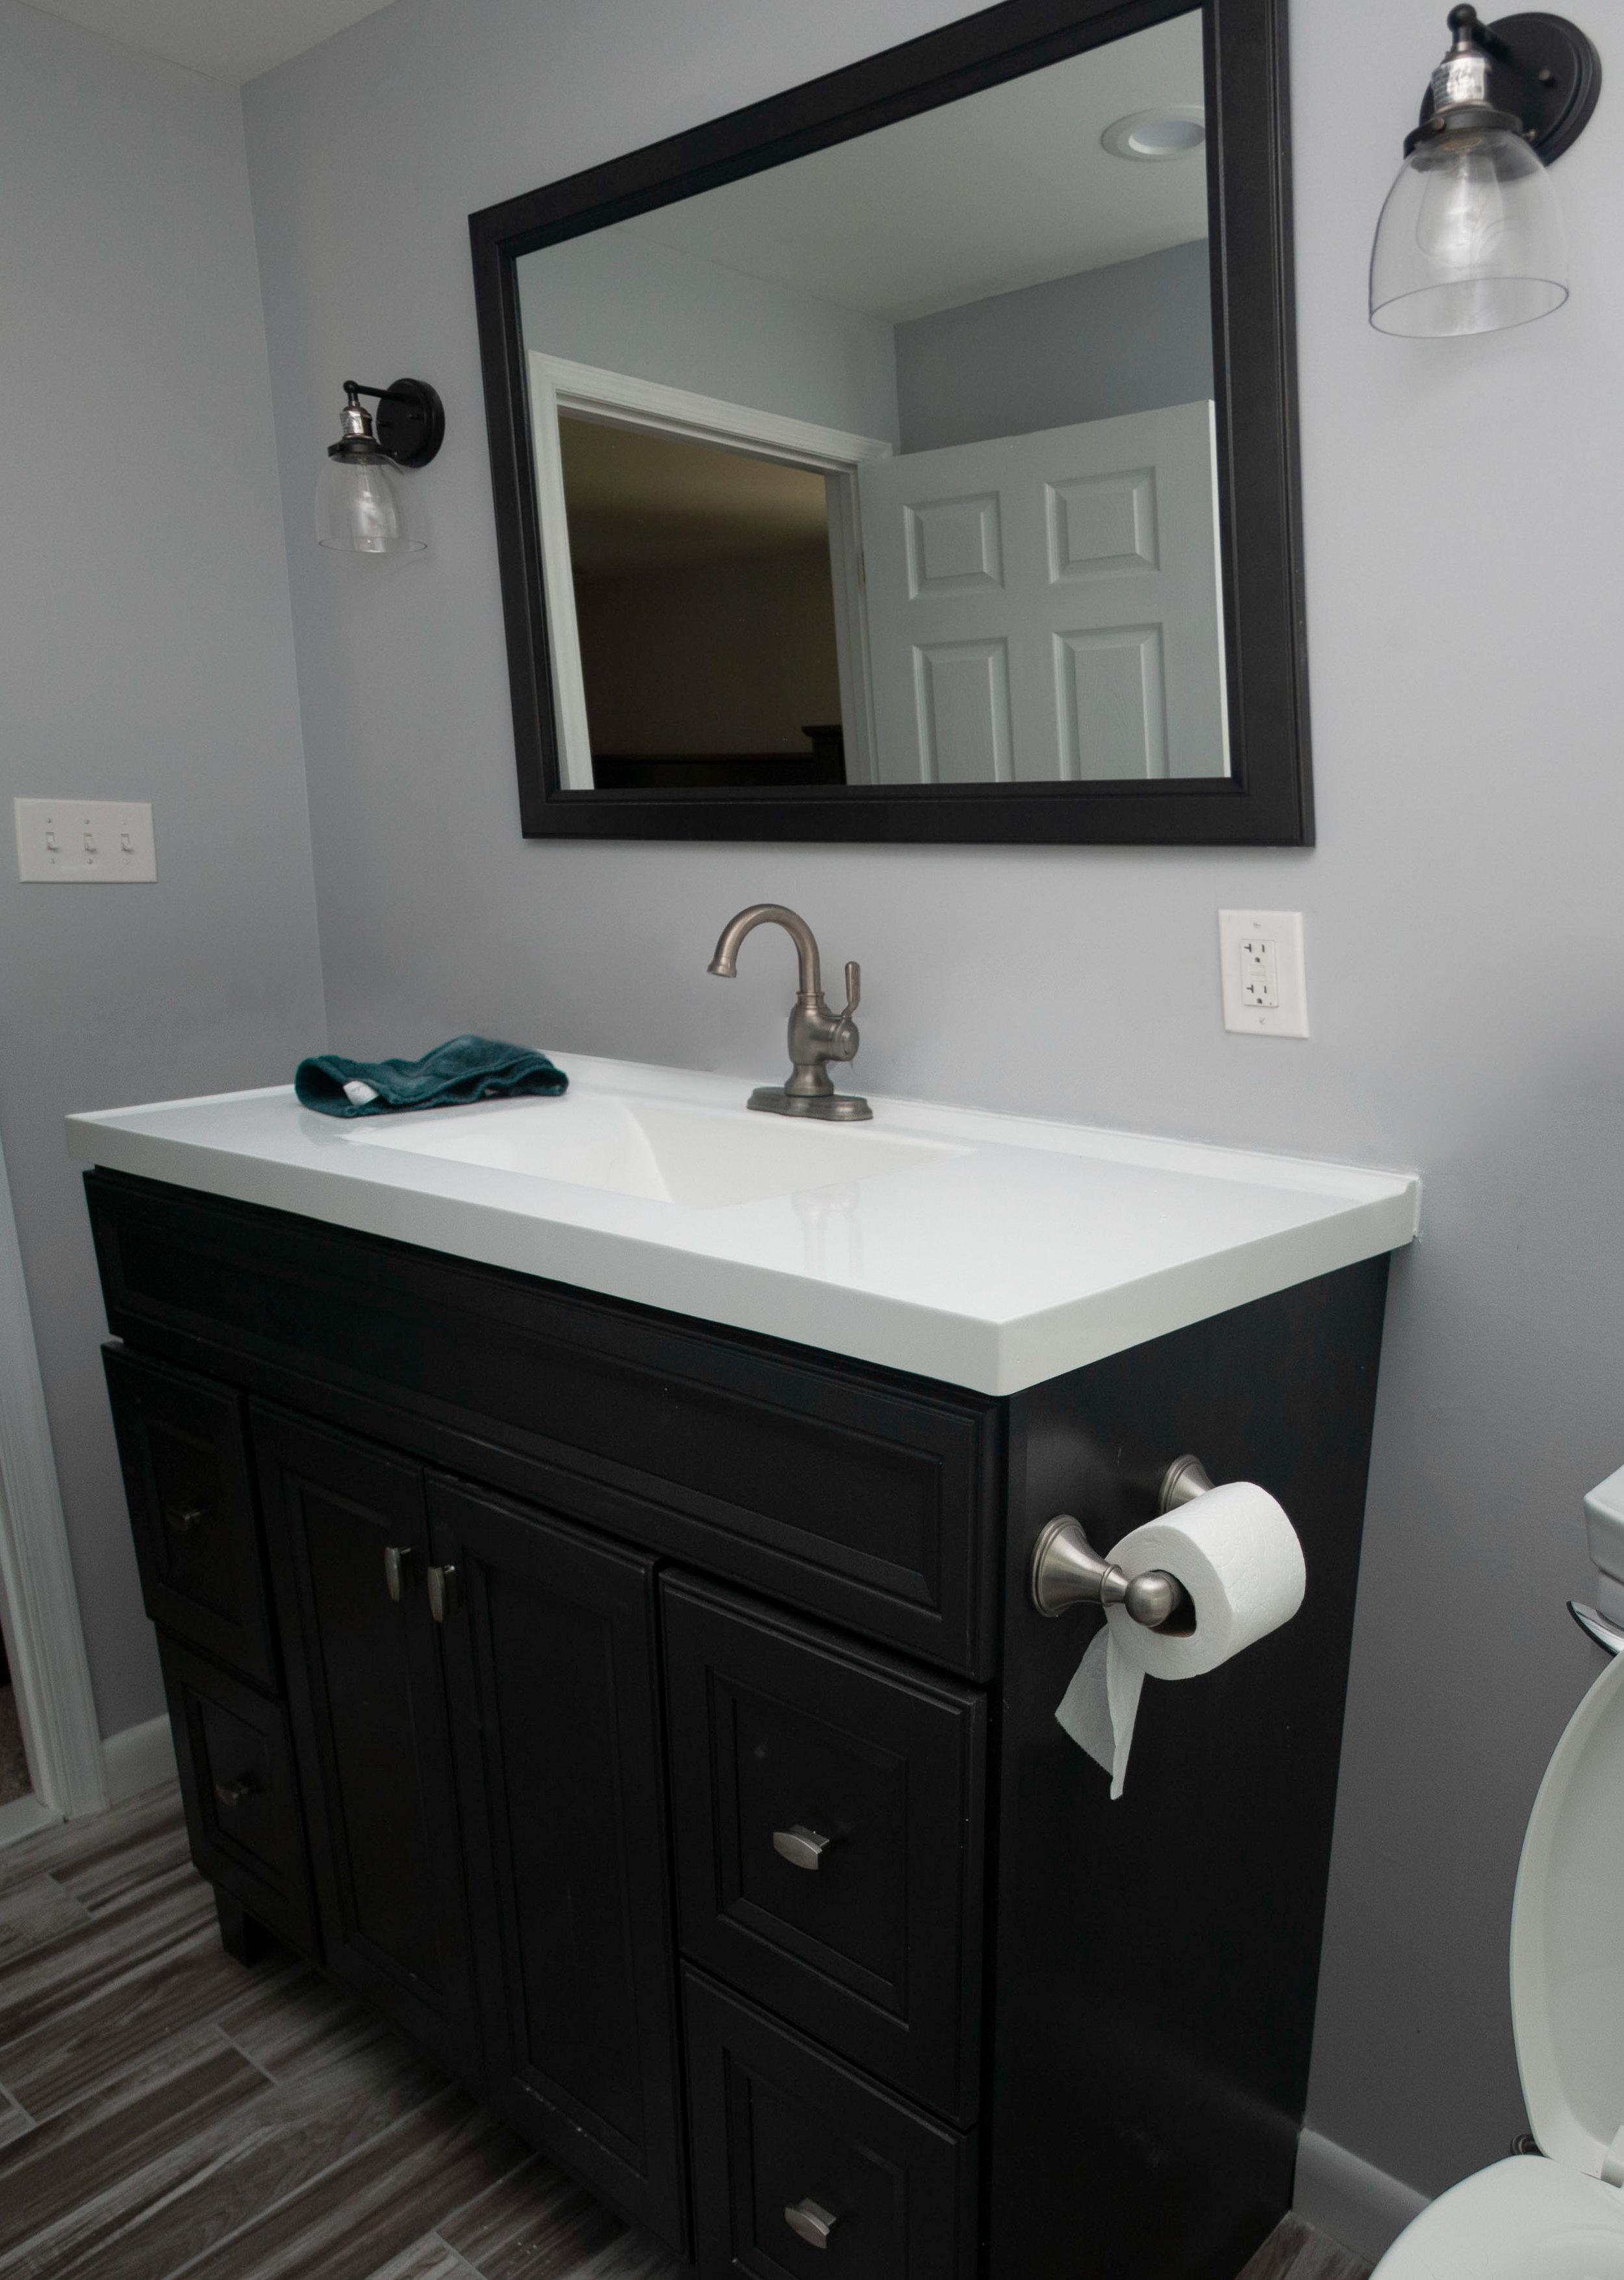 cohasset bathroom.jpg